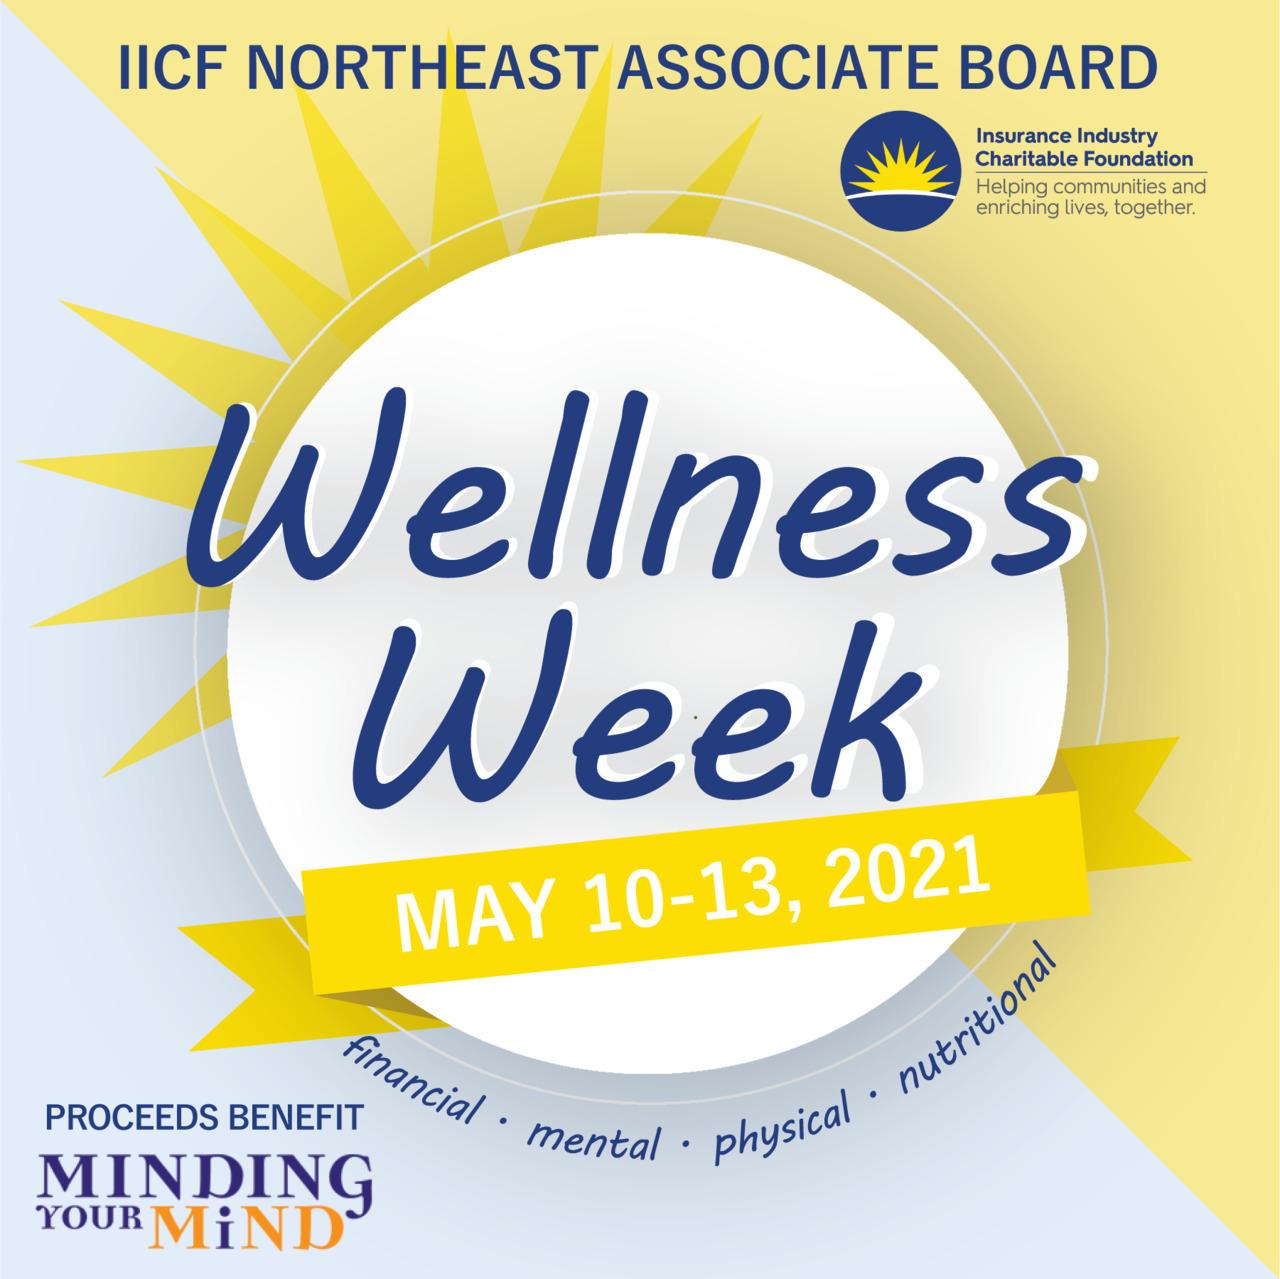 IICF NE Associate Board Wellness Week